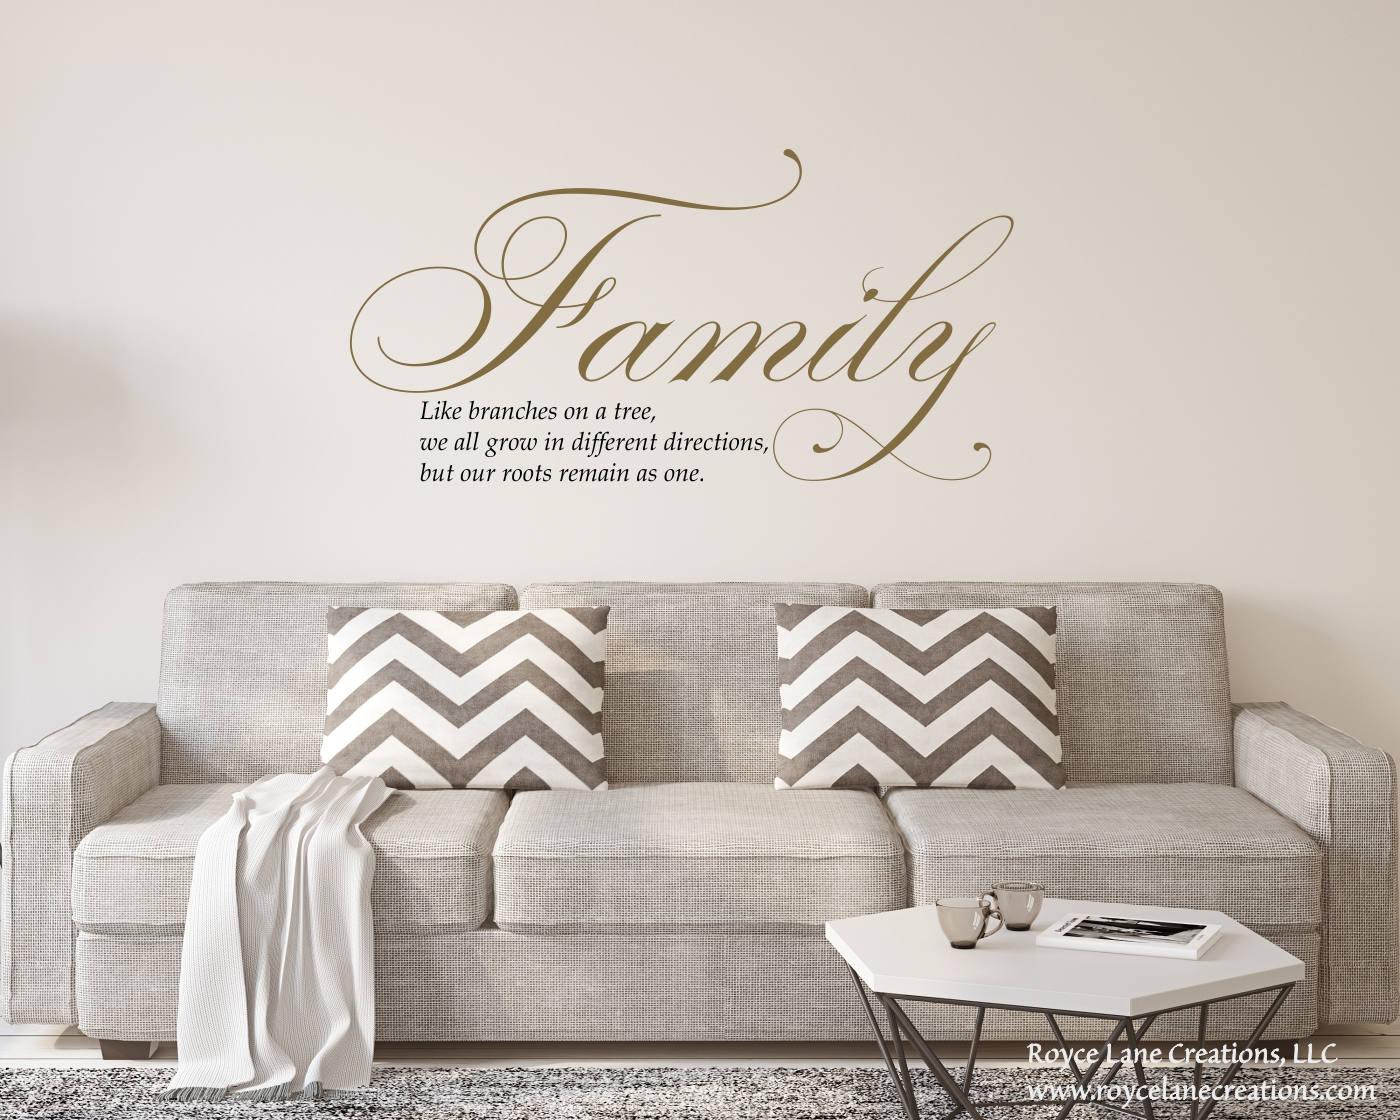 Gold Livingroom Vinyl Sign  Family Like Branches On A Tree Wall Decal  Gold  Wall Decal  Gold Living Room Decal  Gold Living Room Sticker